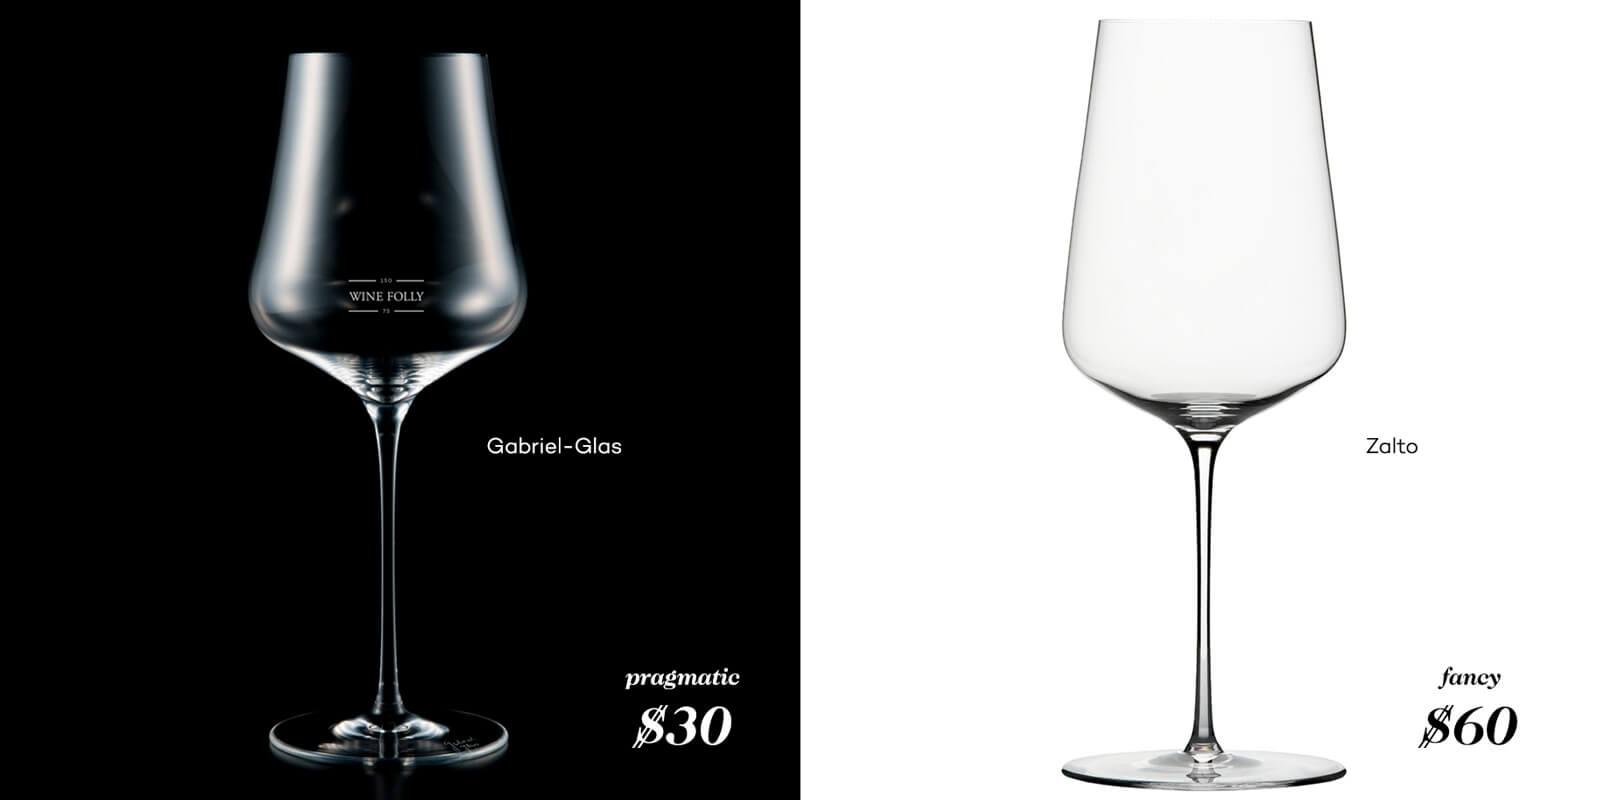 best wine glasses zalto and gabriel-glas